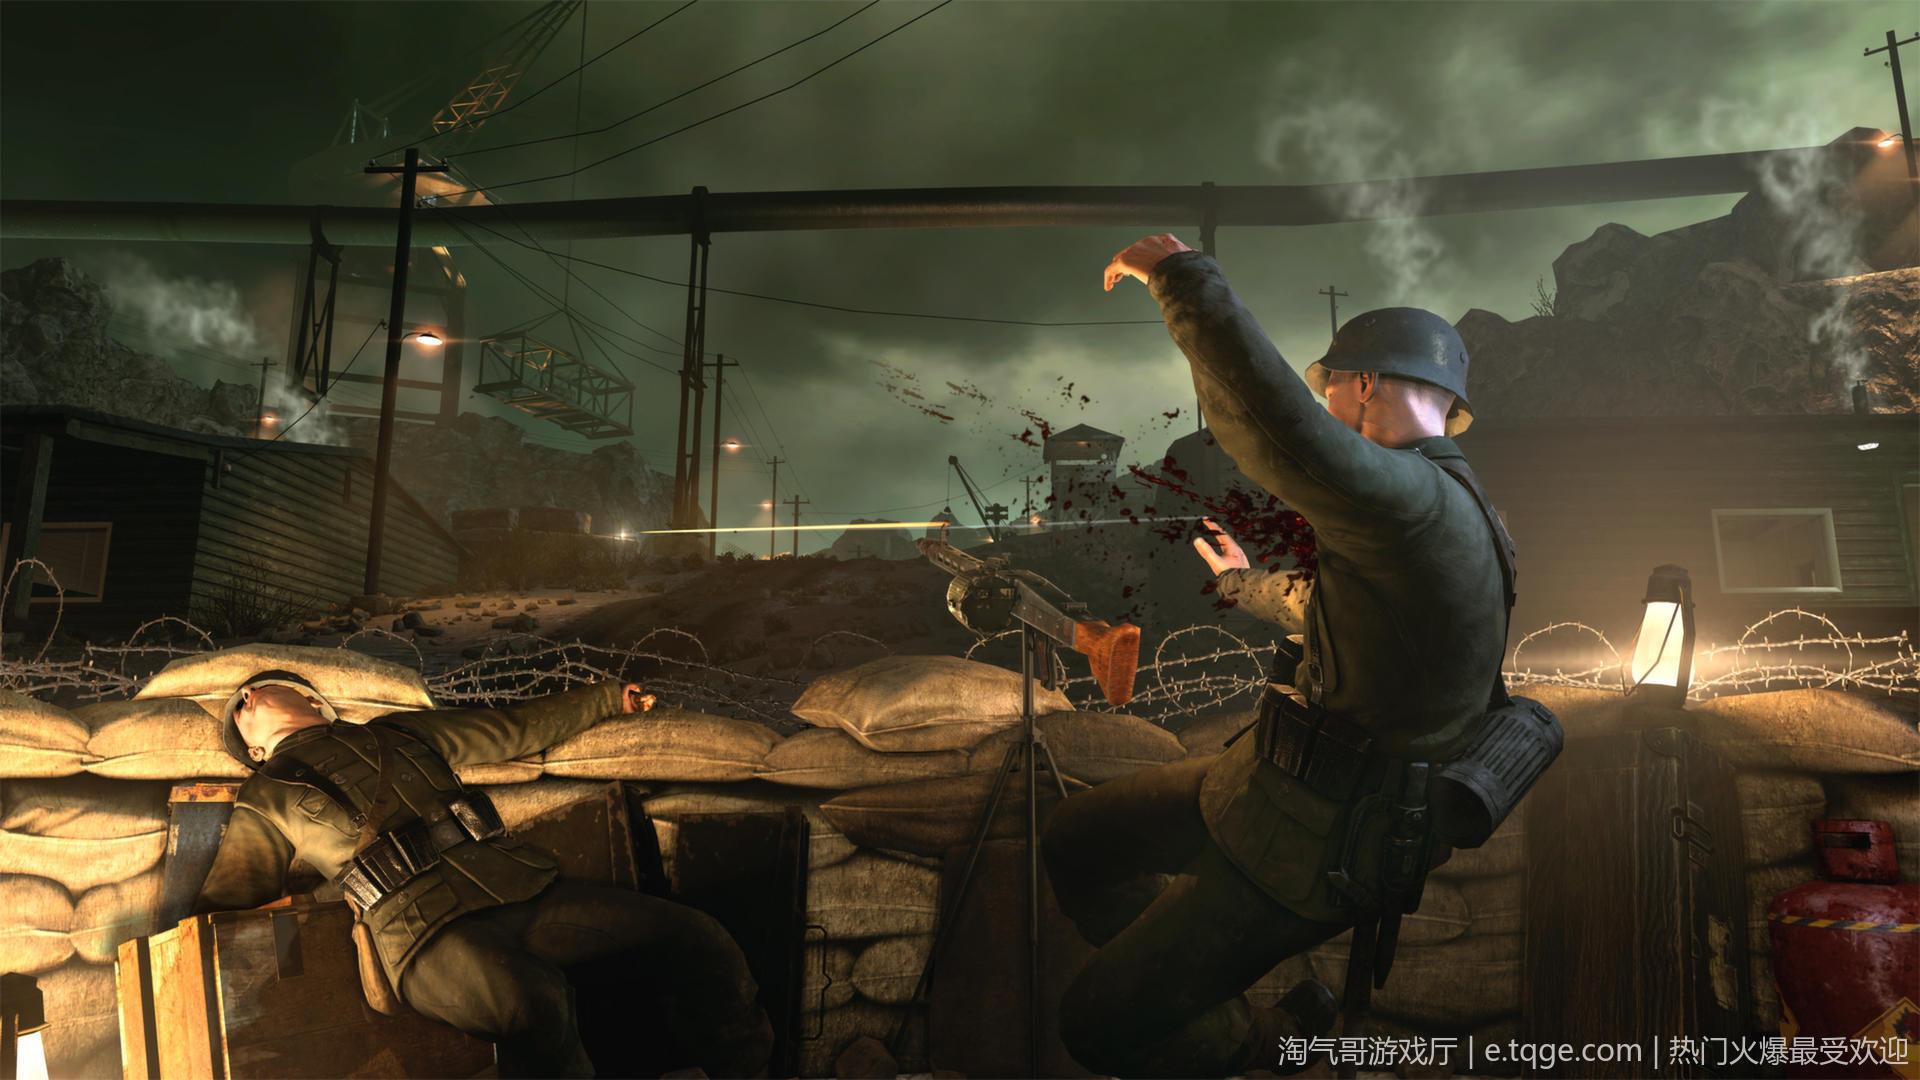 狙击精英V2 射击游戏 第12张